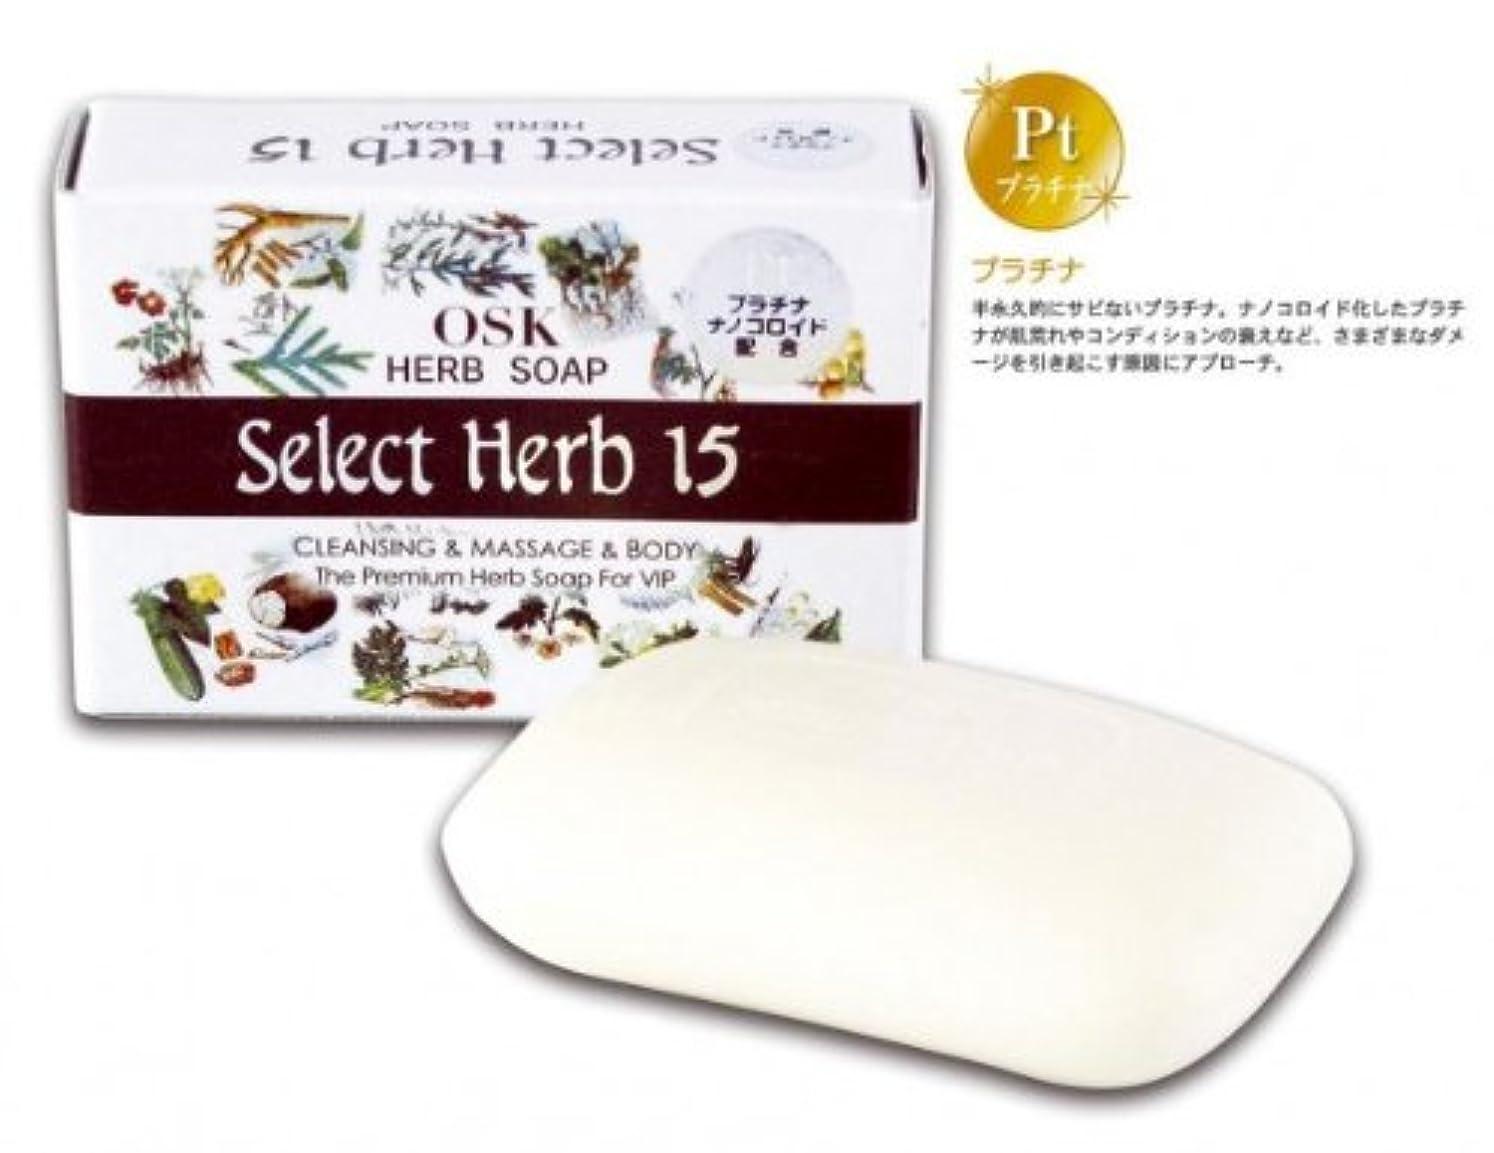 谷おびえたはちみつNEW OSK SOAP SelectHerb15(ニューオーエスケーソープセレクトハーブ15)135g